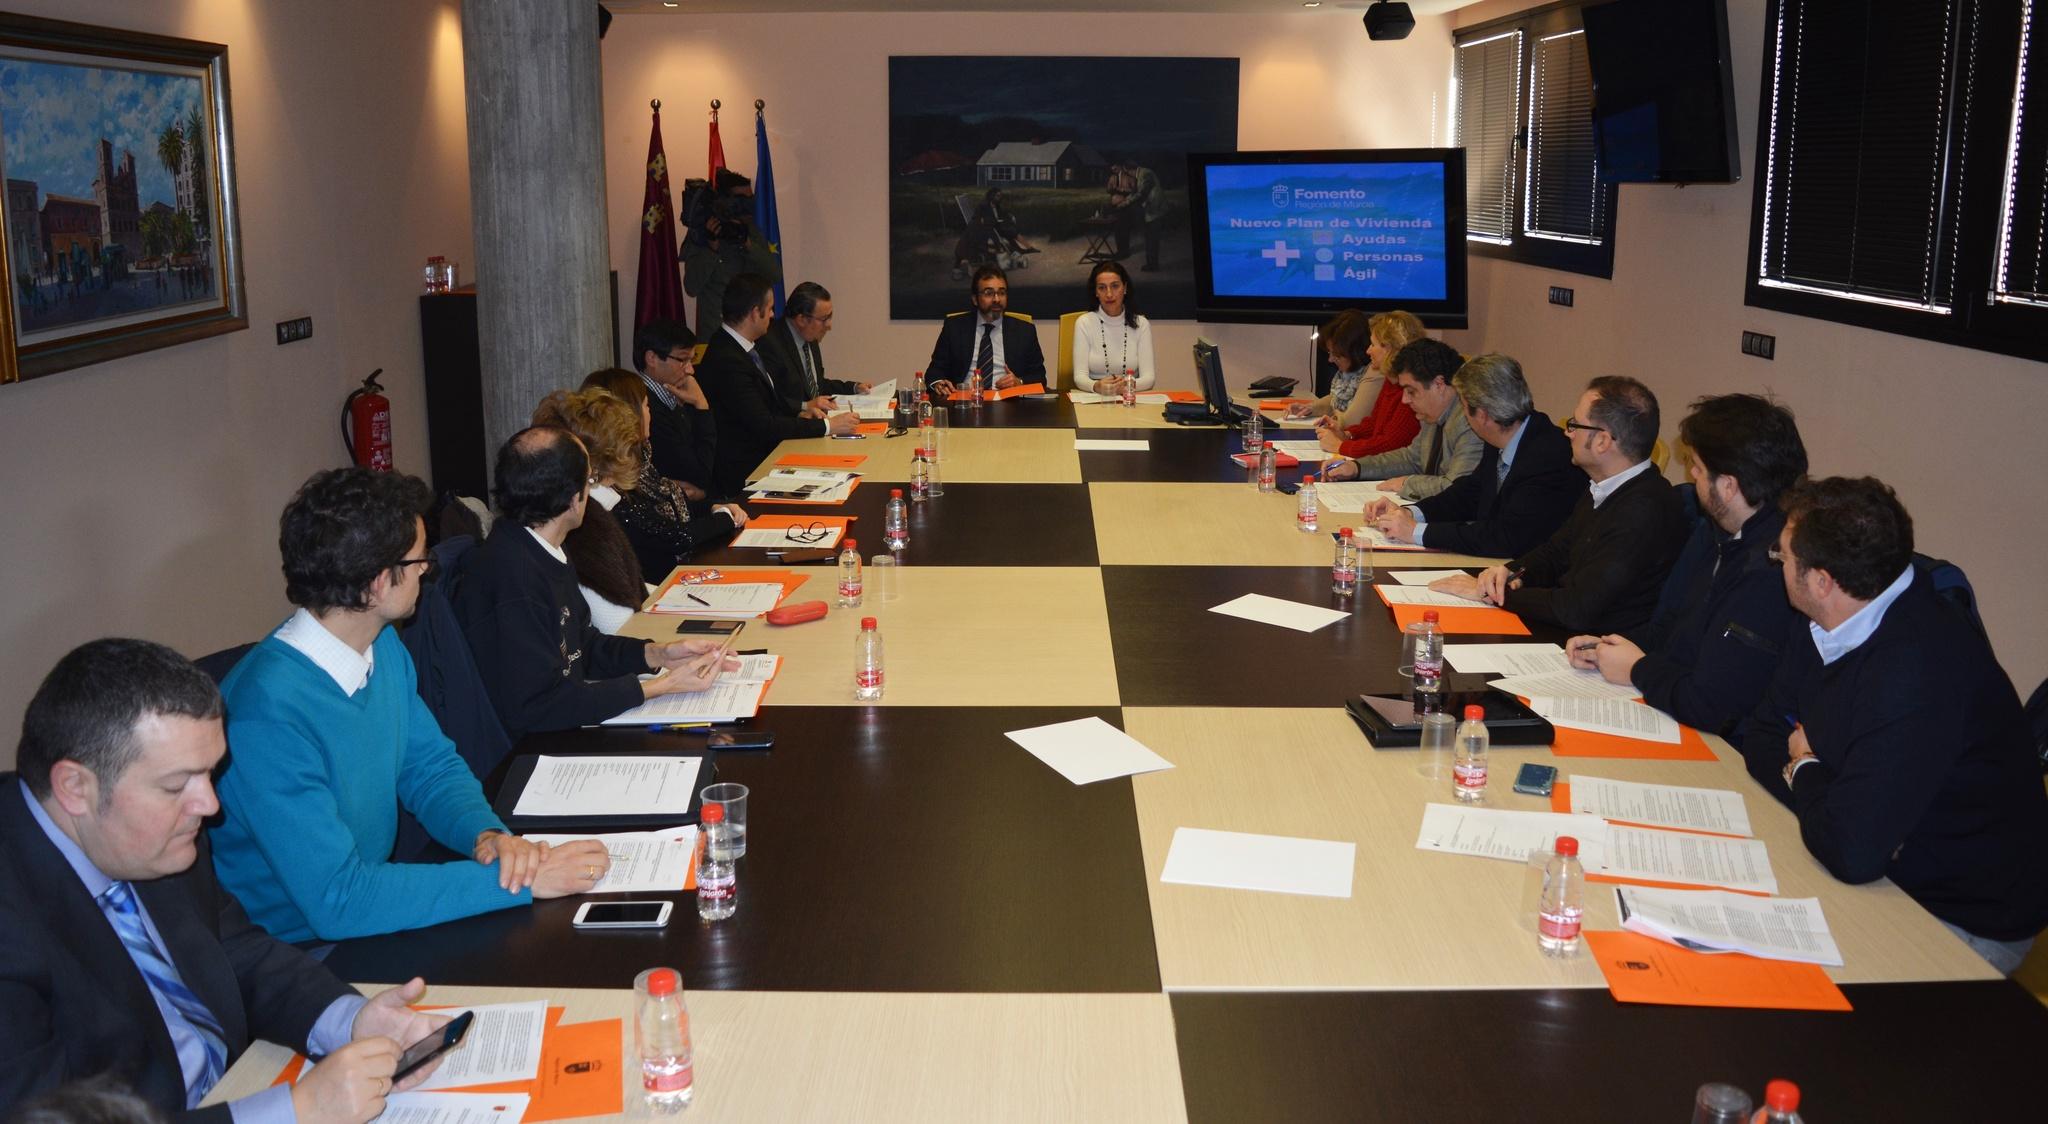 FREMM participa en la redacción del nuevo Plan de Vivienda